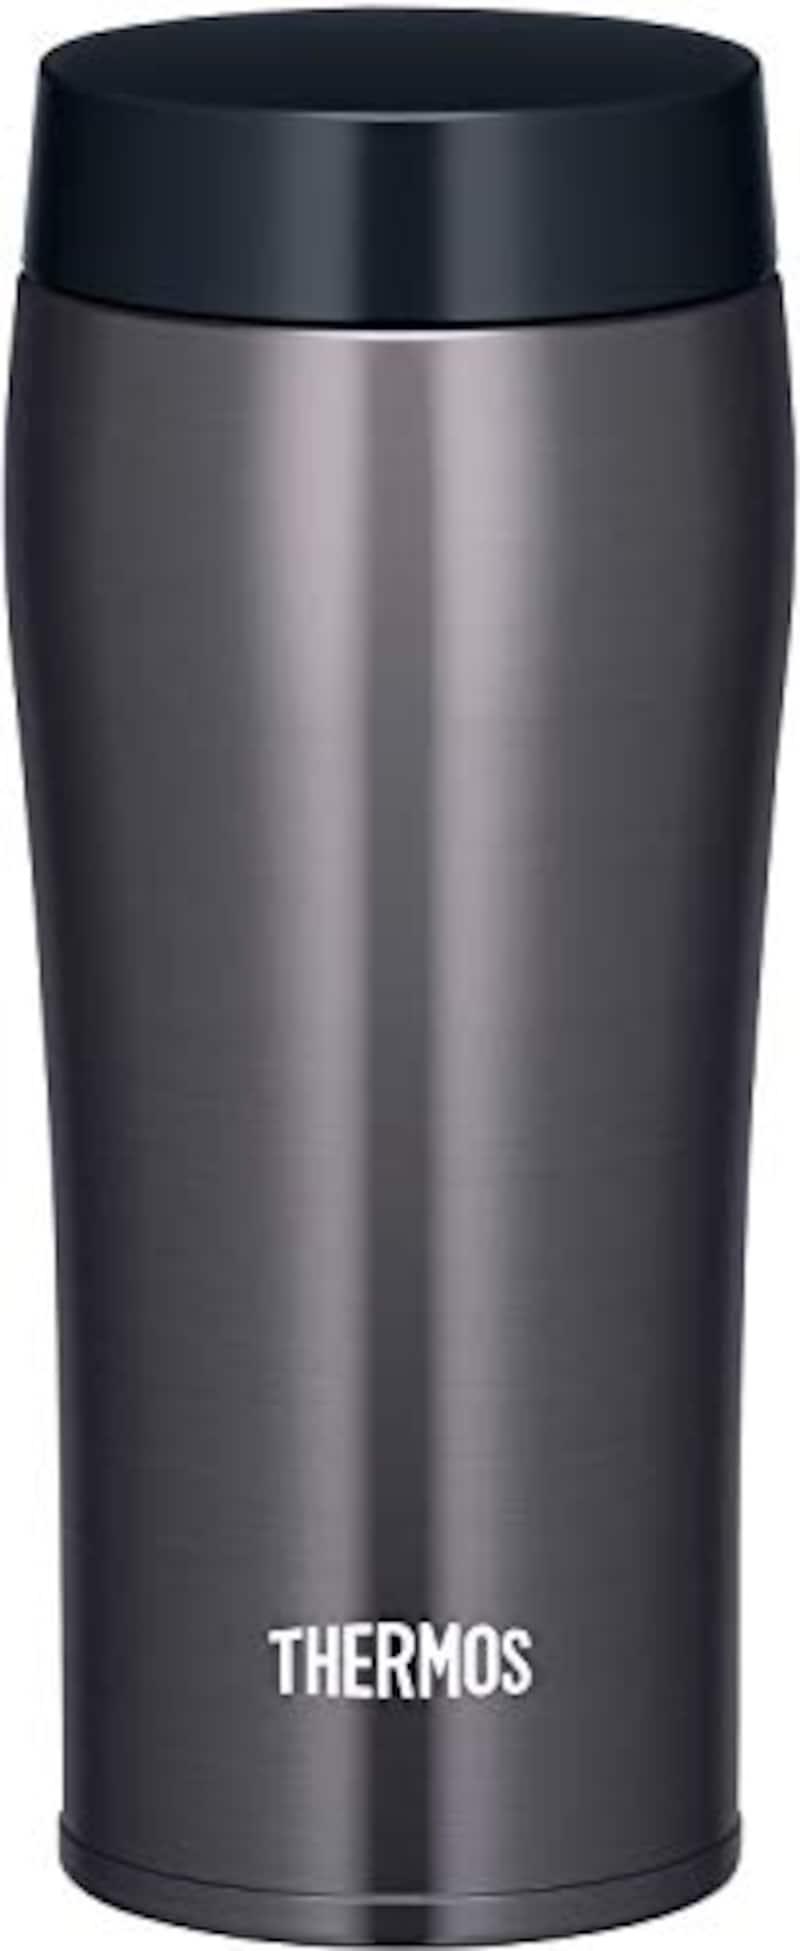 THERMOS(サーモス),真空断熱ケータイタンブラー,JOE-360